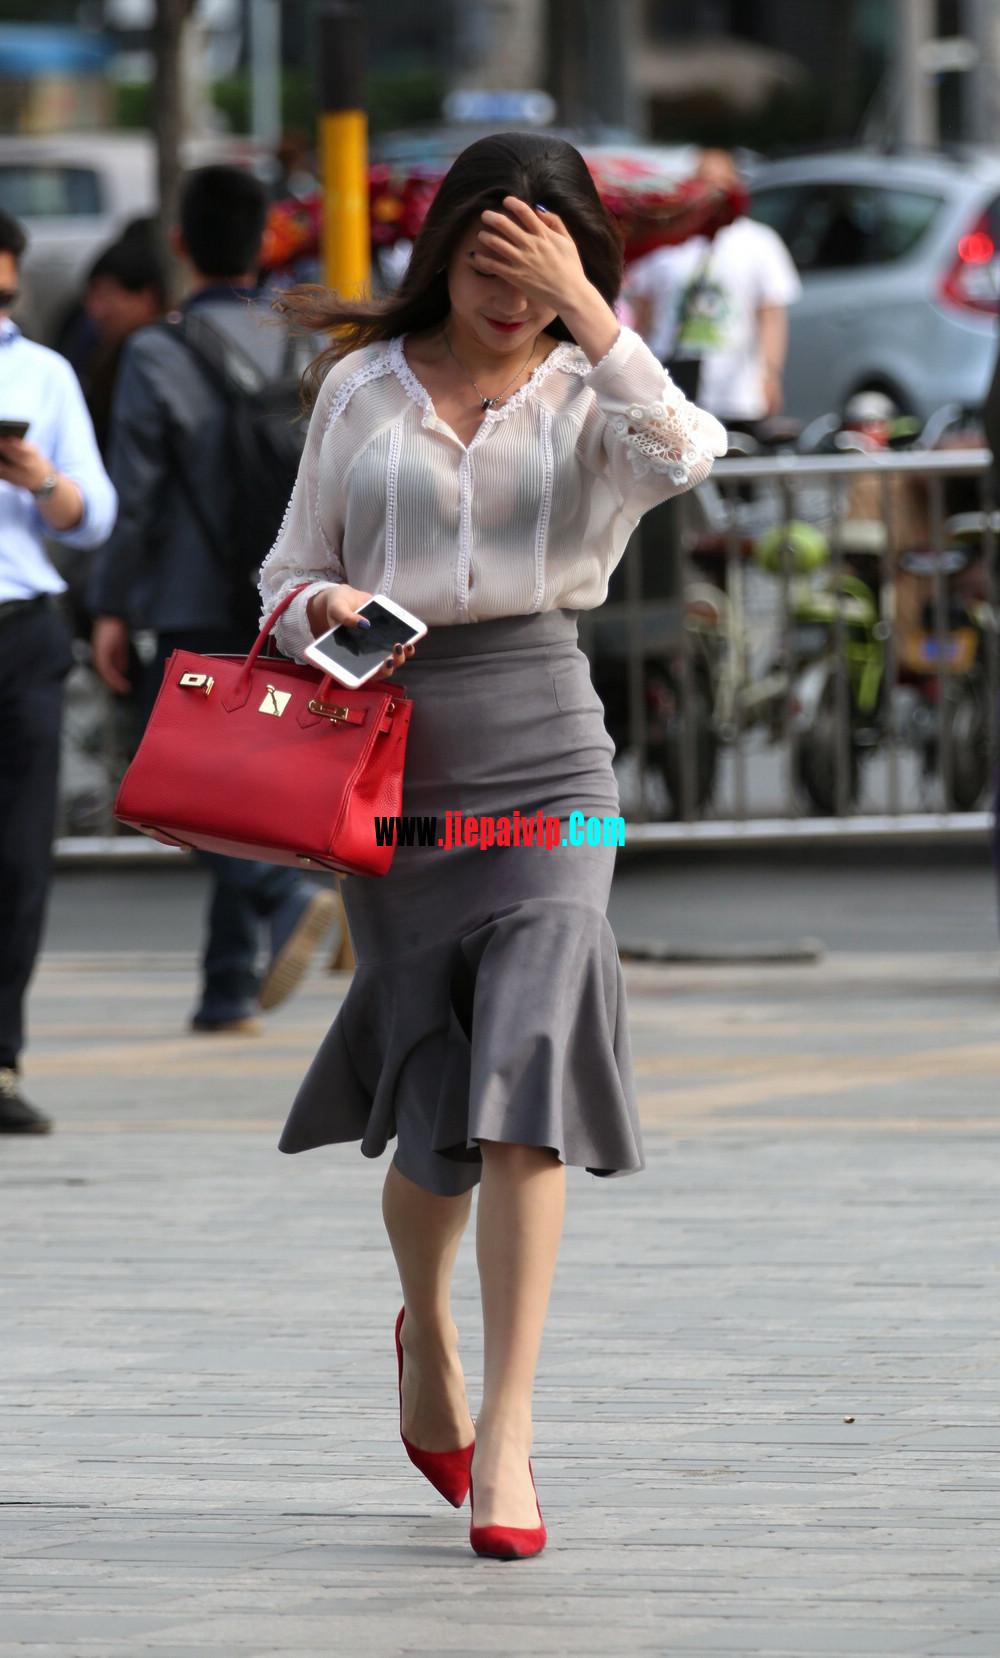 街拍气质美女,上衣太透明,胸罩都露出来了,这女的真敢穿14